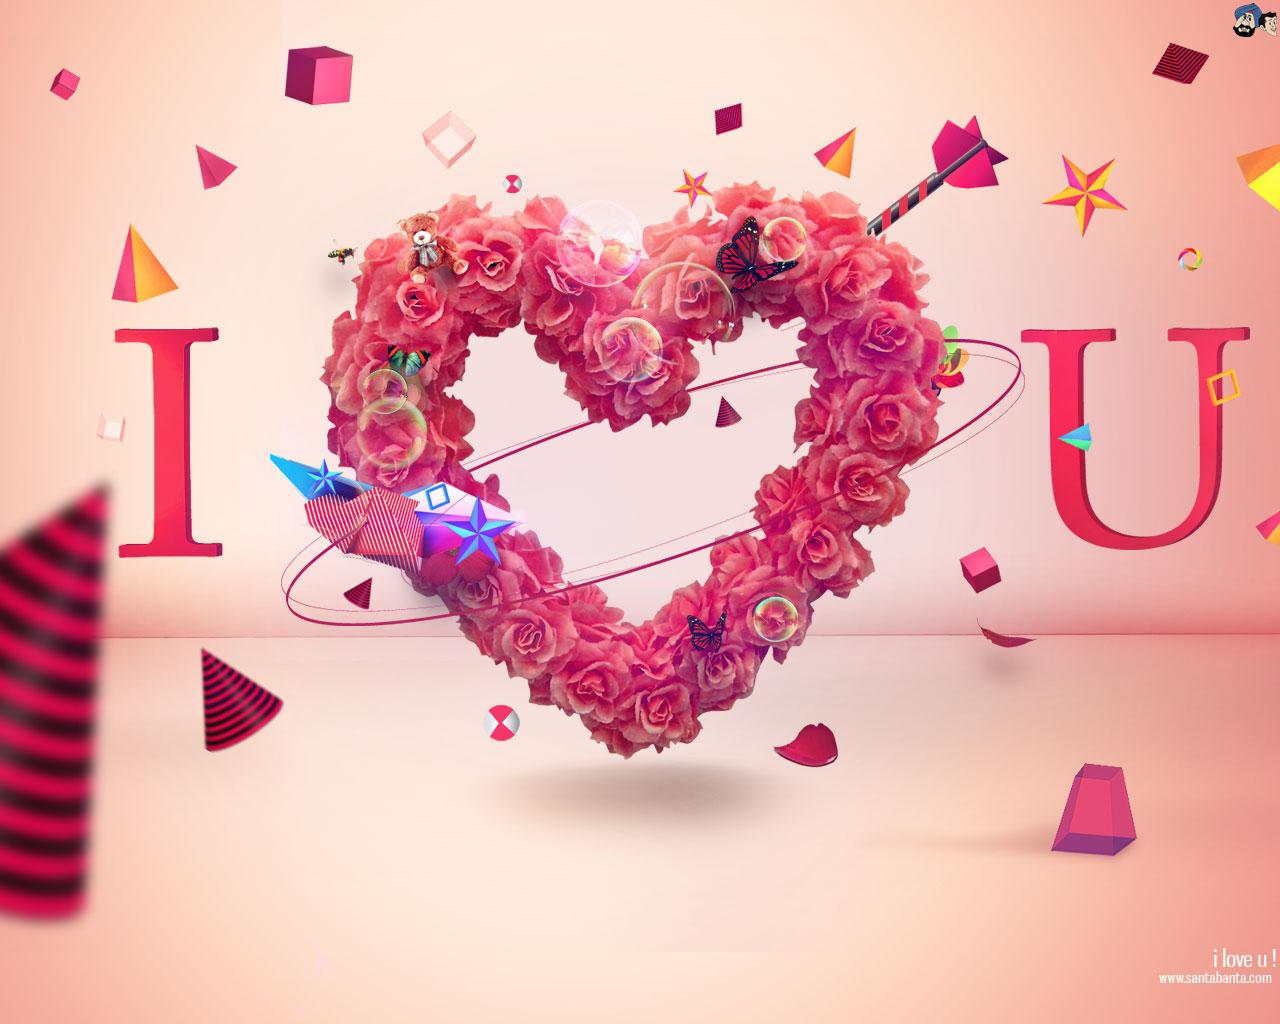 Shaista Name Wallpaper New Ilove You 1280x1024 Download Hd Wallpaper Wallpapertip